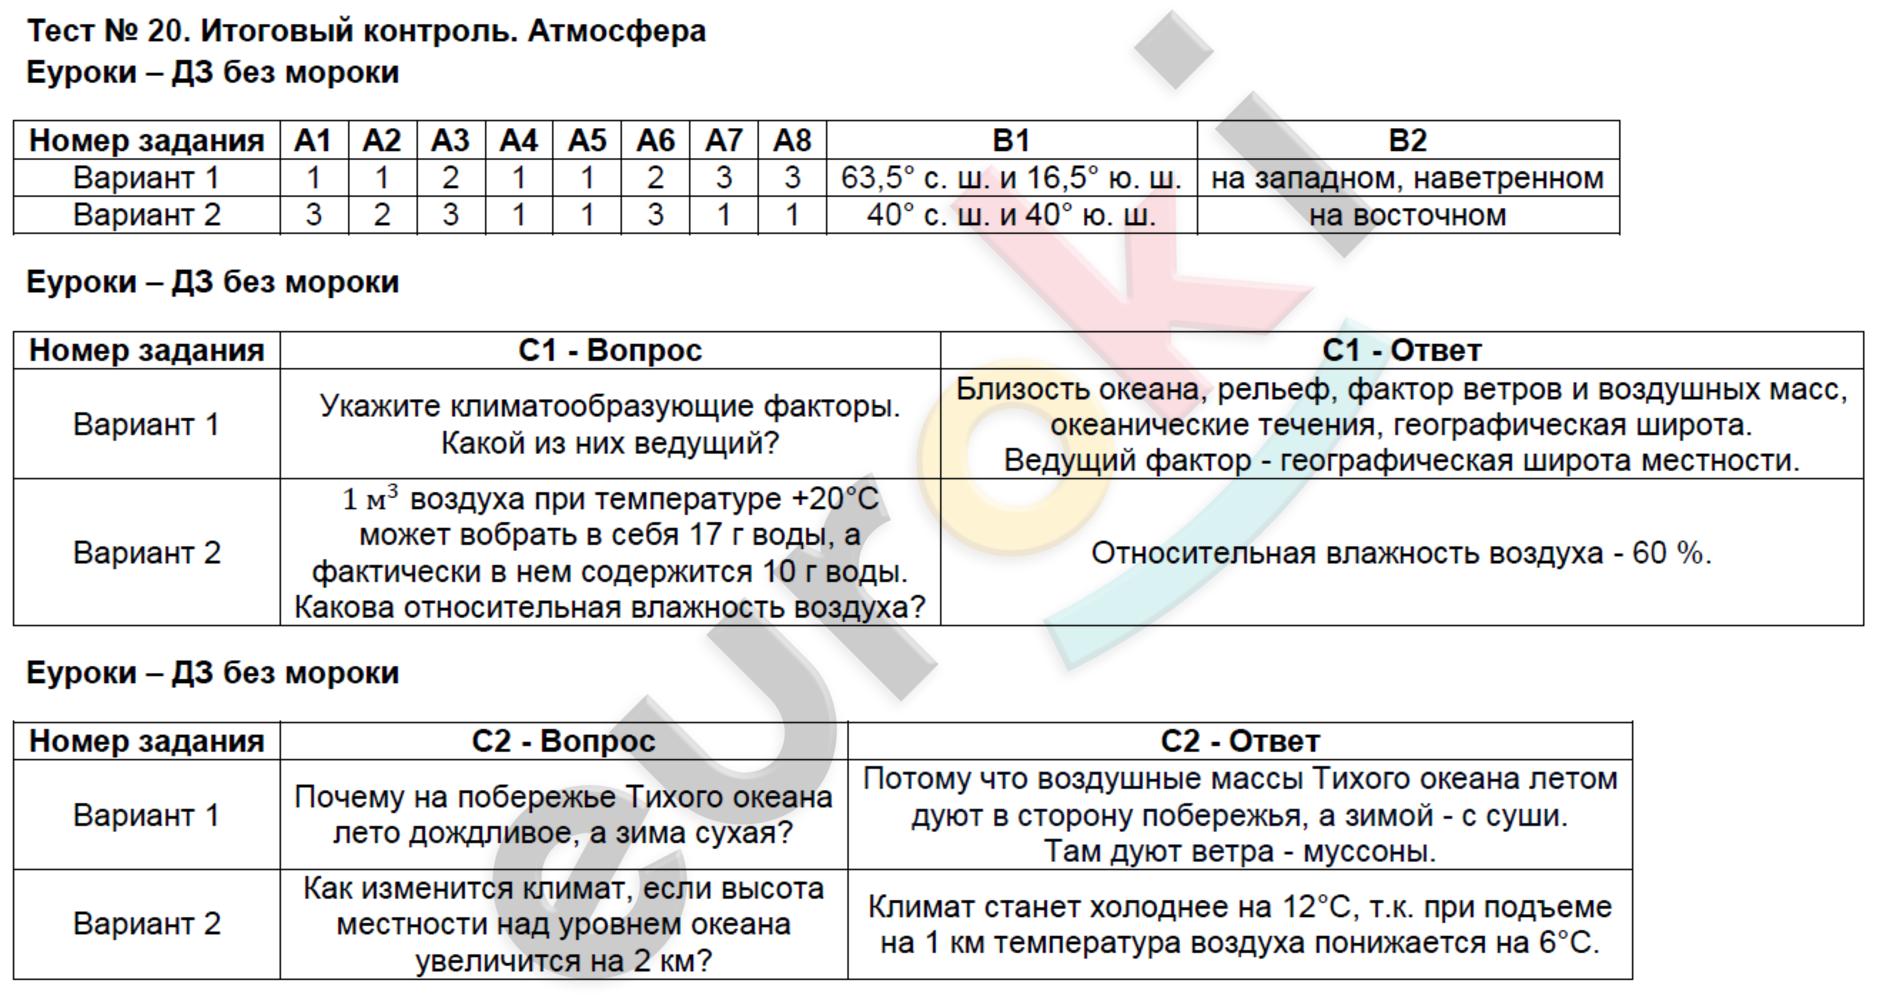 ГДЗ по географии 6 класс контрольно-измерительные материалы Жижина. Задание: Тест 20. Итоговый контроль. Атмосфера